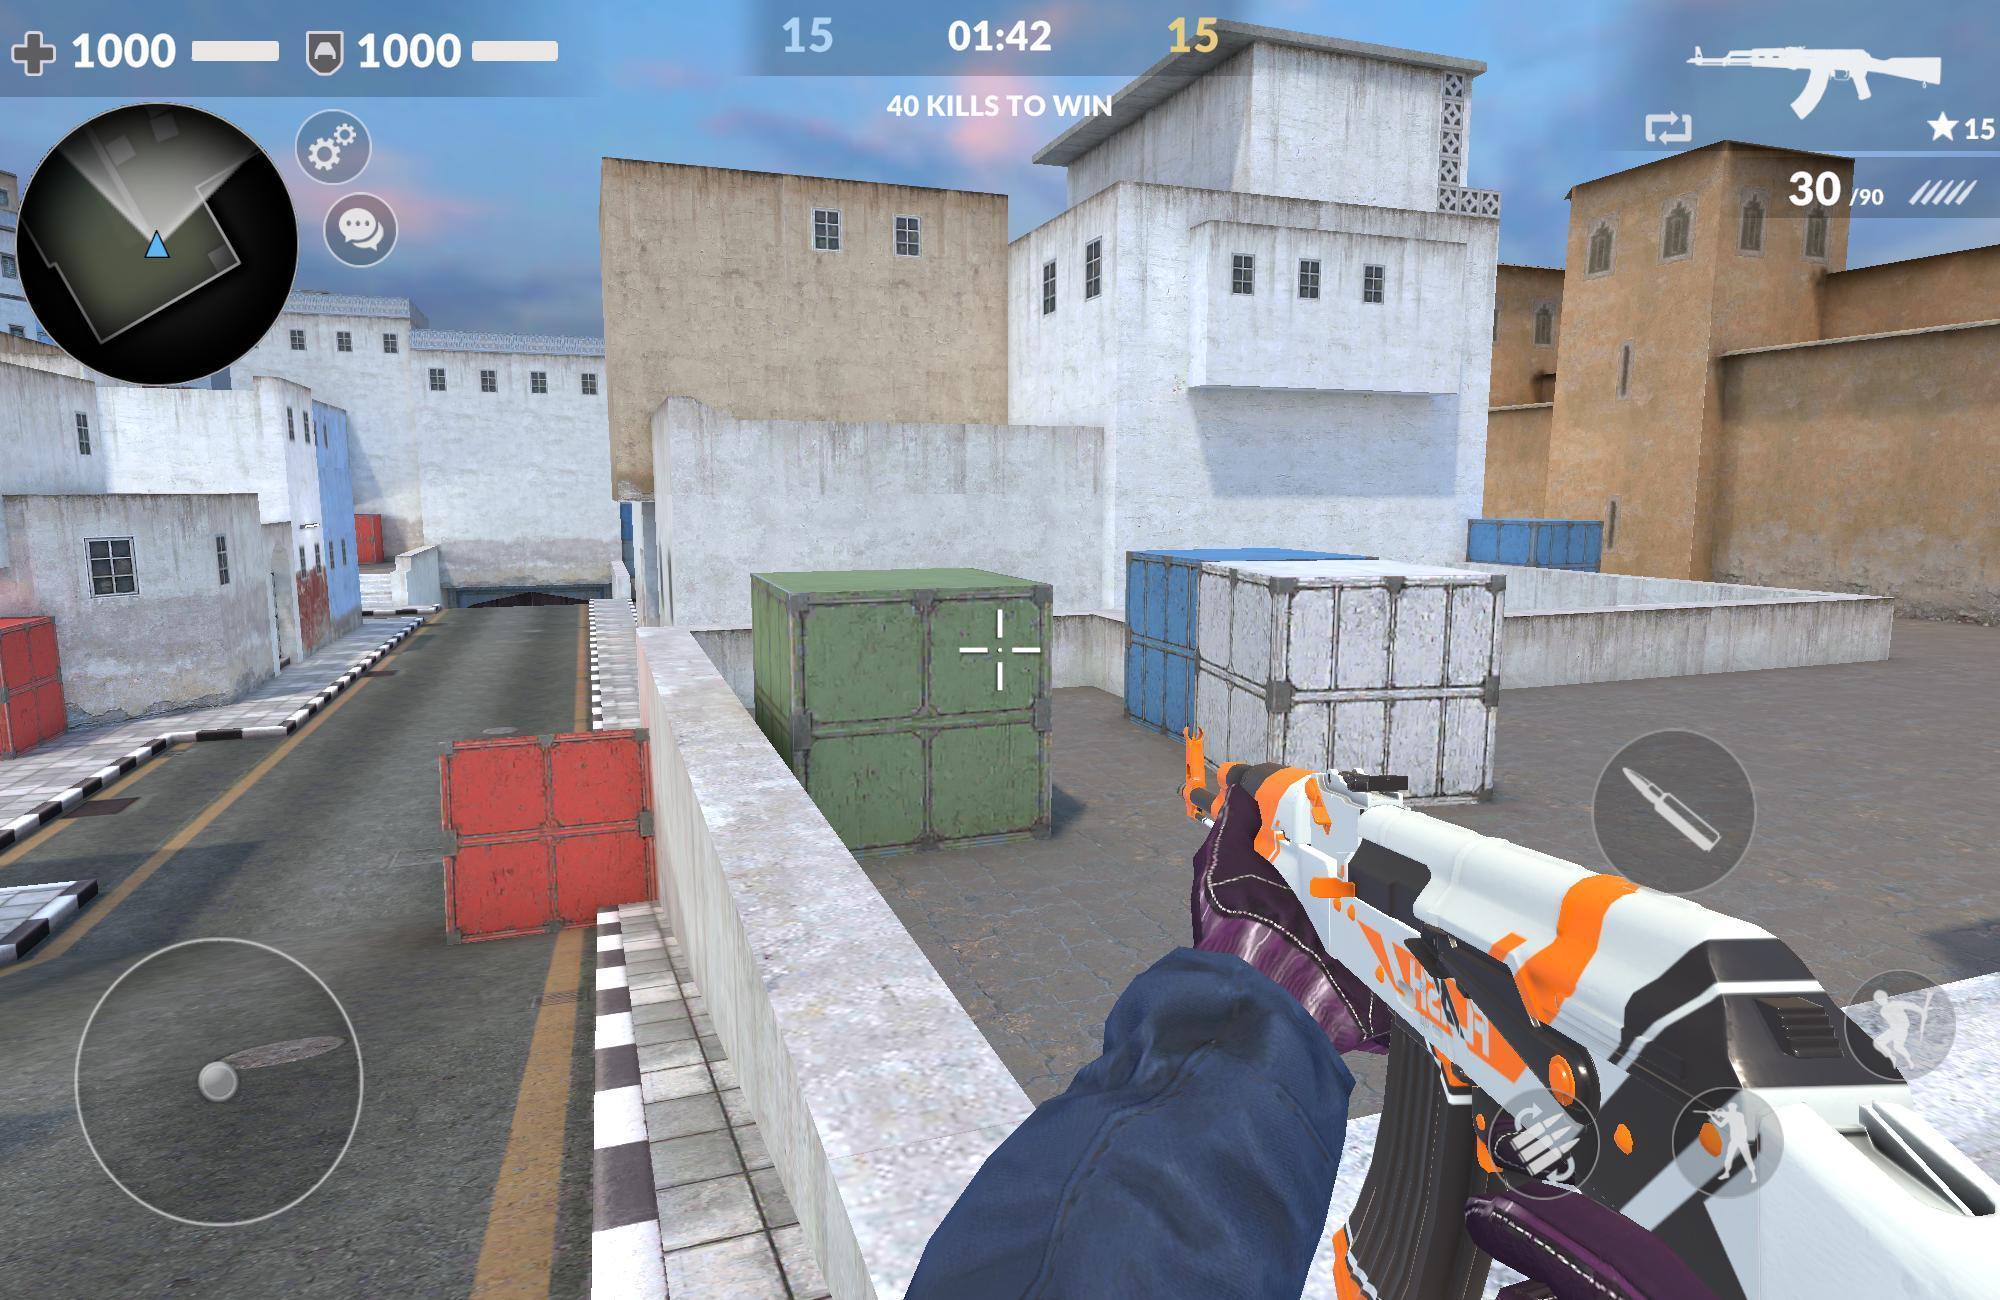 Critical Strike CS: Counter Terrorist Online FPS 9.9990 Screenshot 15